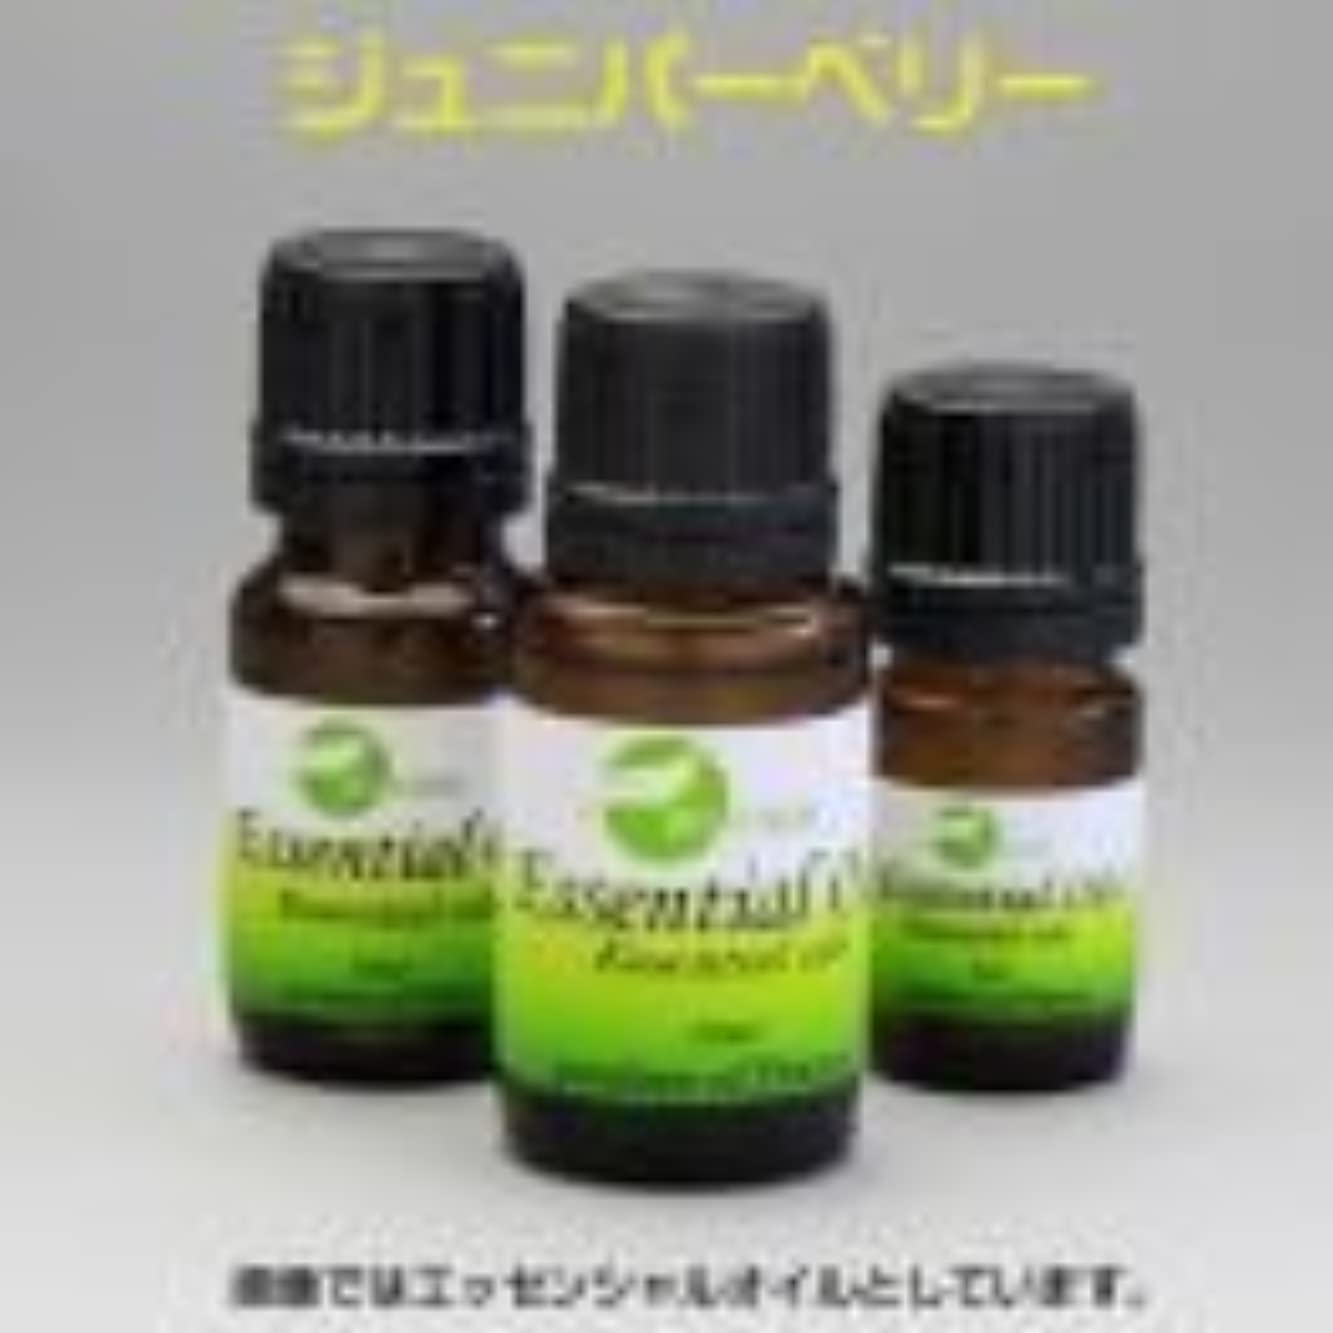 マイナーラショナル苦悩[エッセンシャルオイル] 松の針葉に似たフレッシュな樹脂の香り ジュニパーベリー 15ml